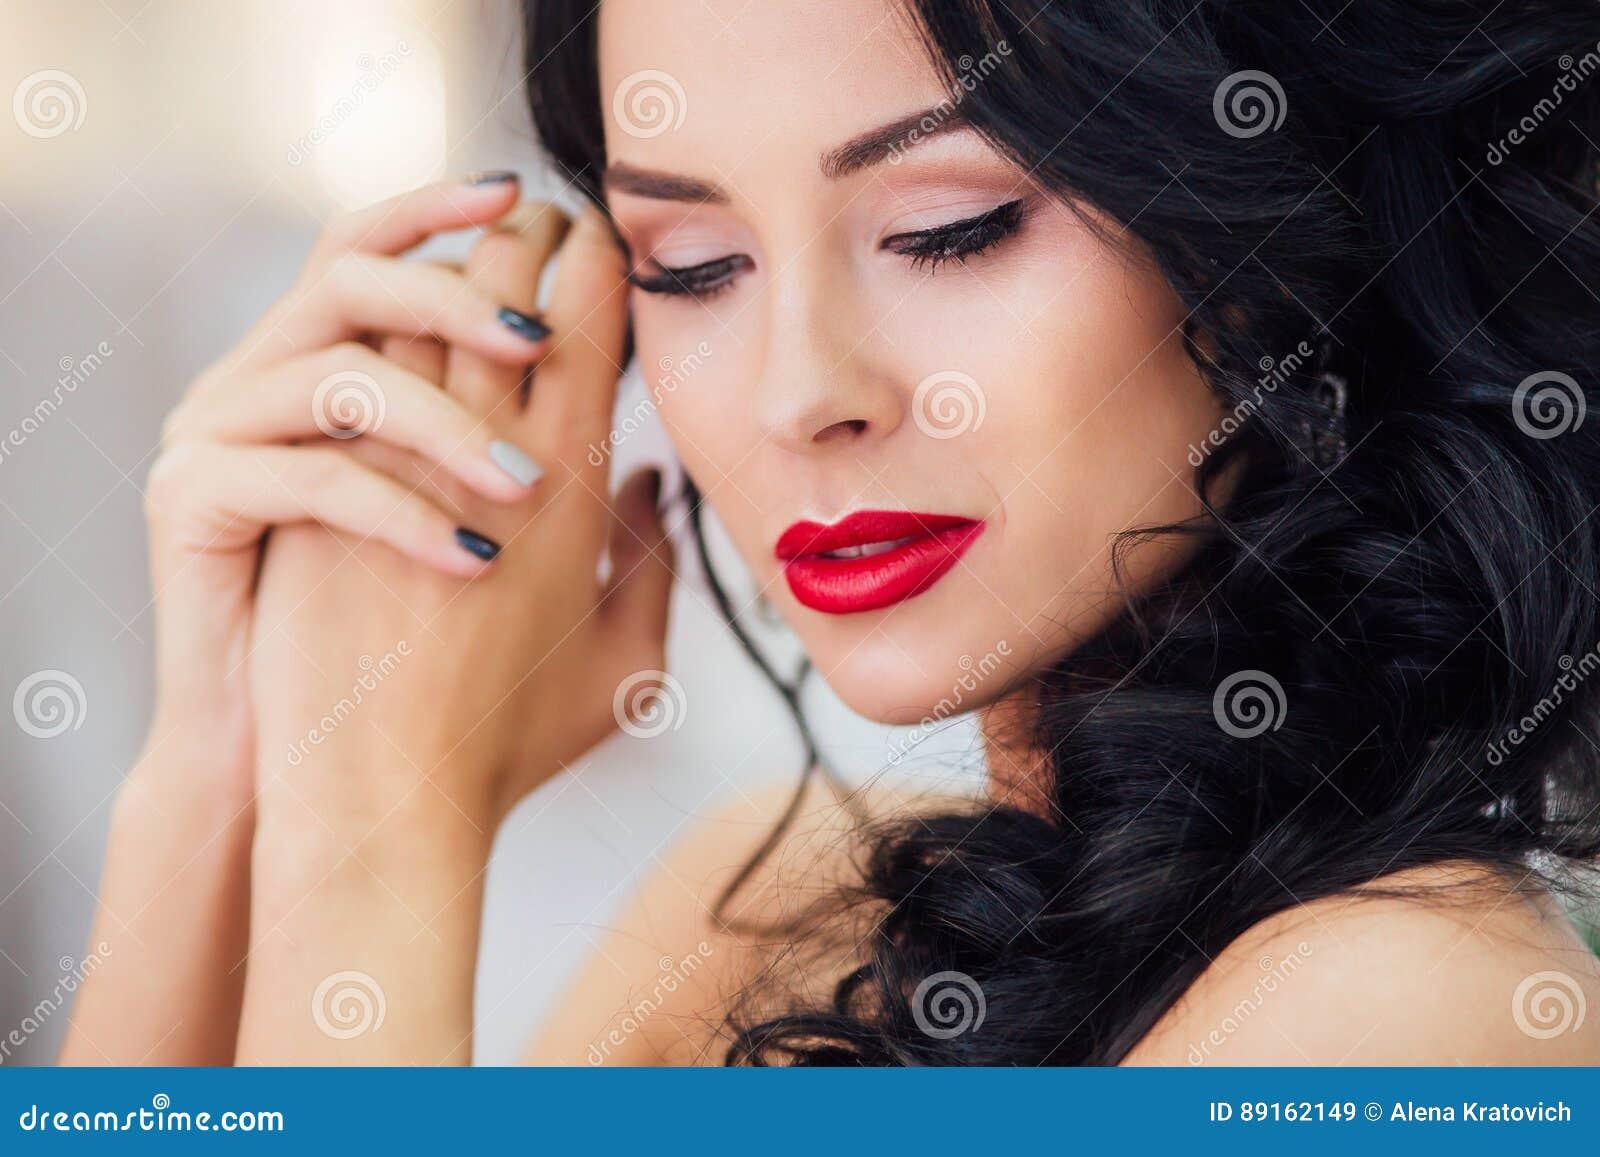 Vestidos de novia con labios rojos